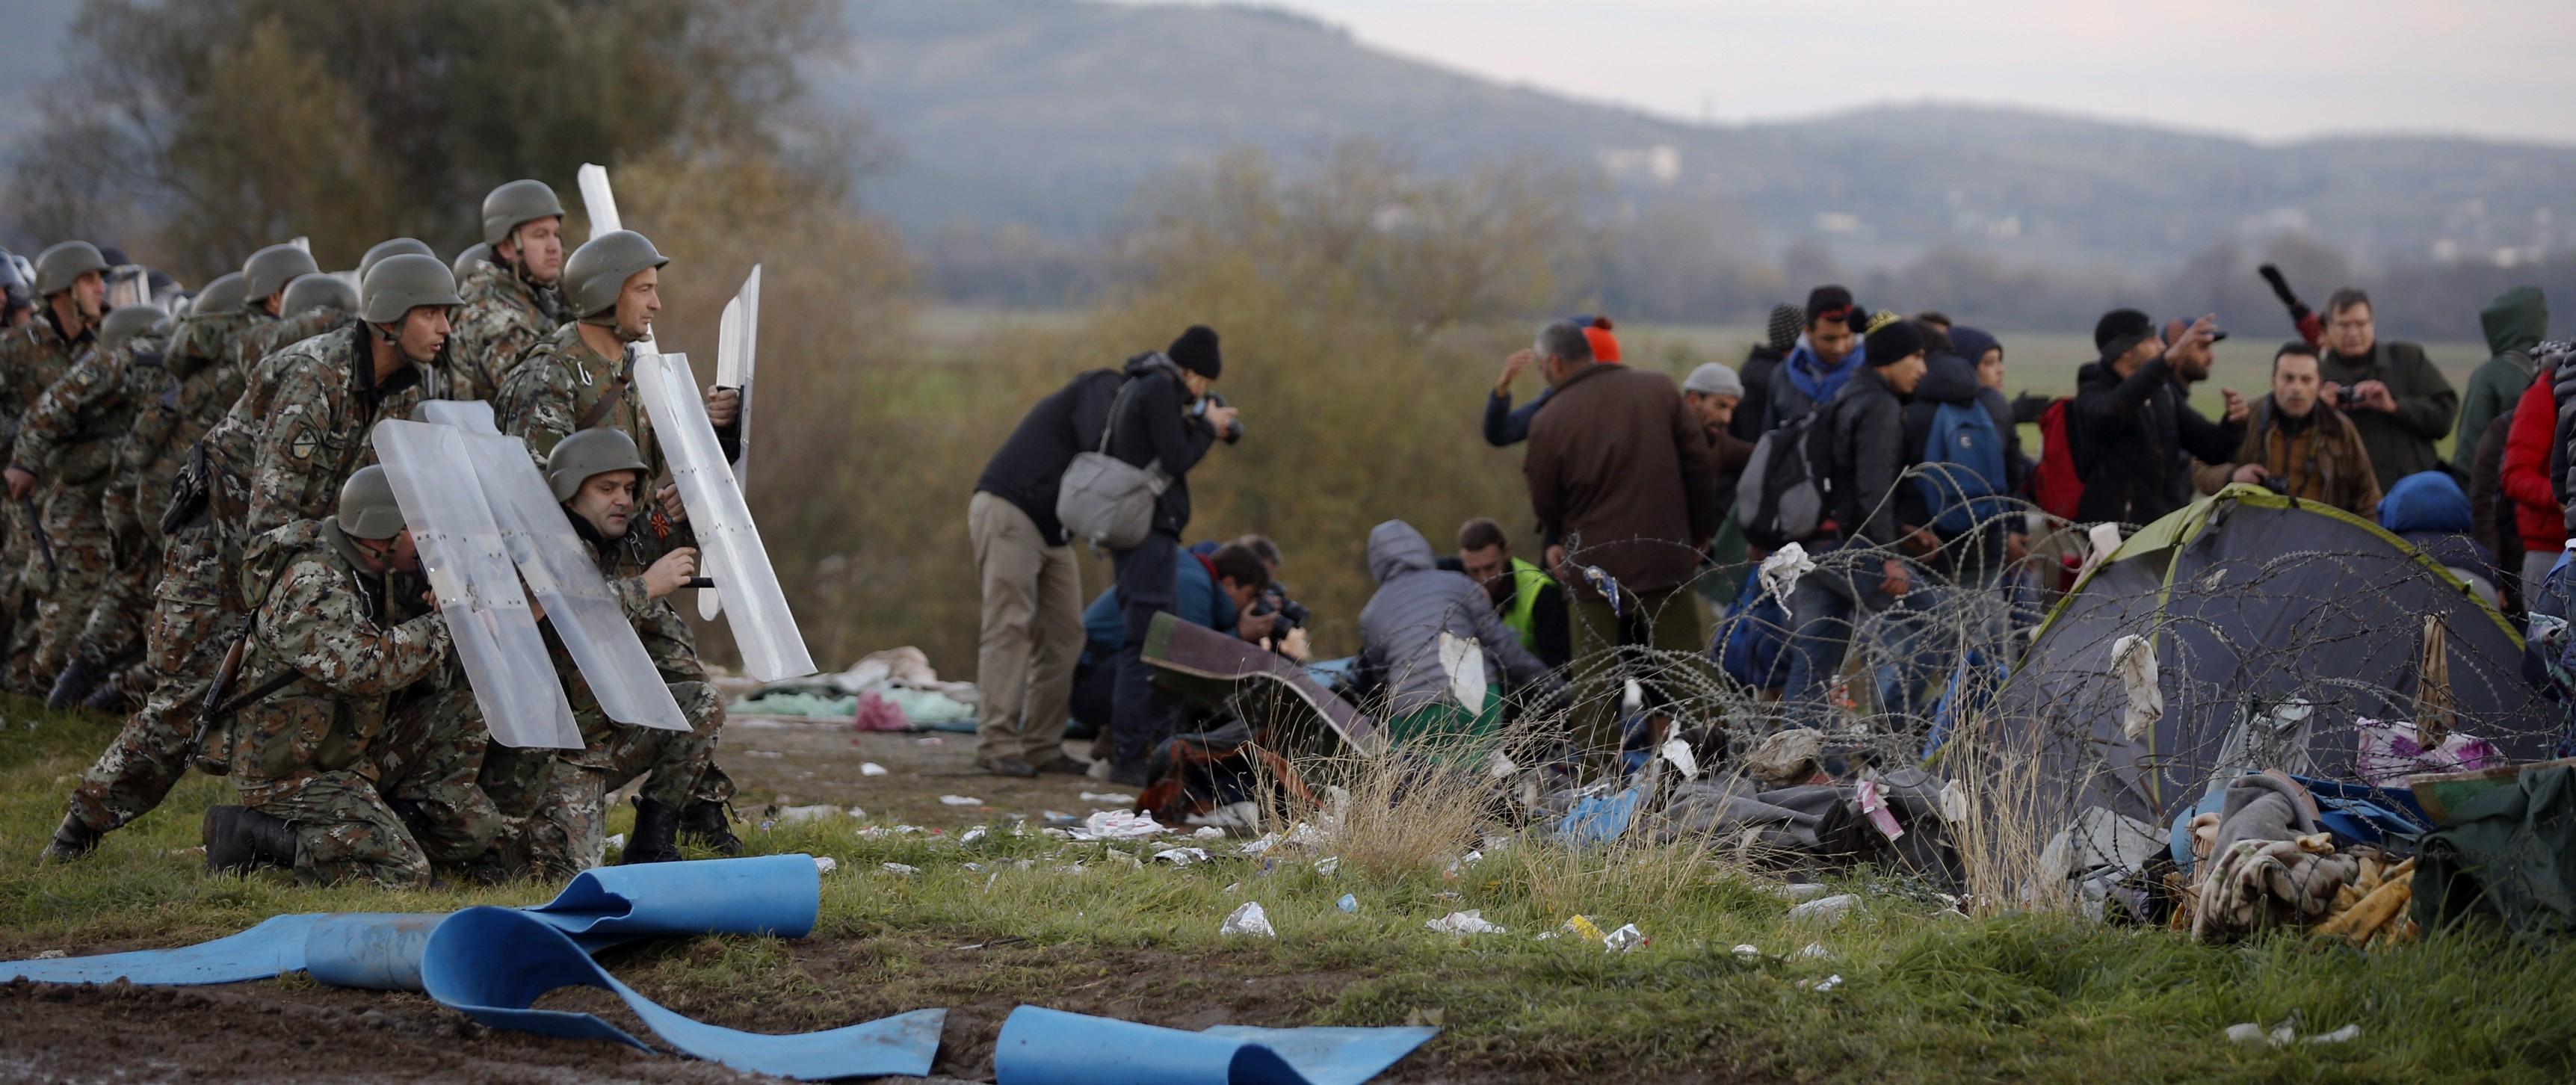 La policía impide el paso a los refugiados en la frontera de Macedonia.